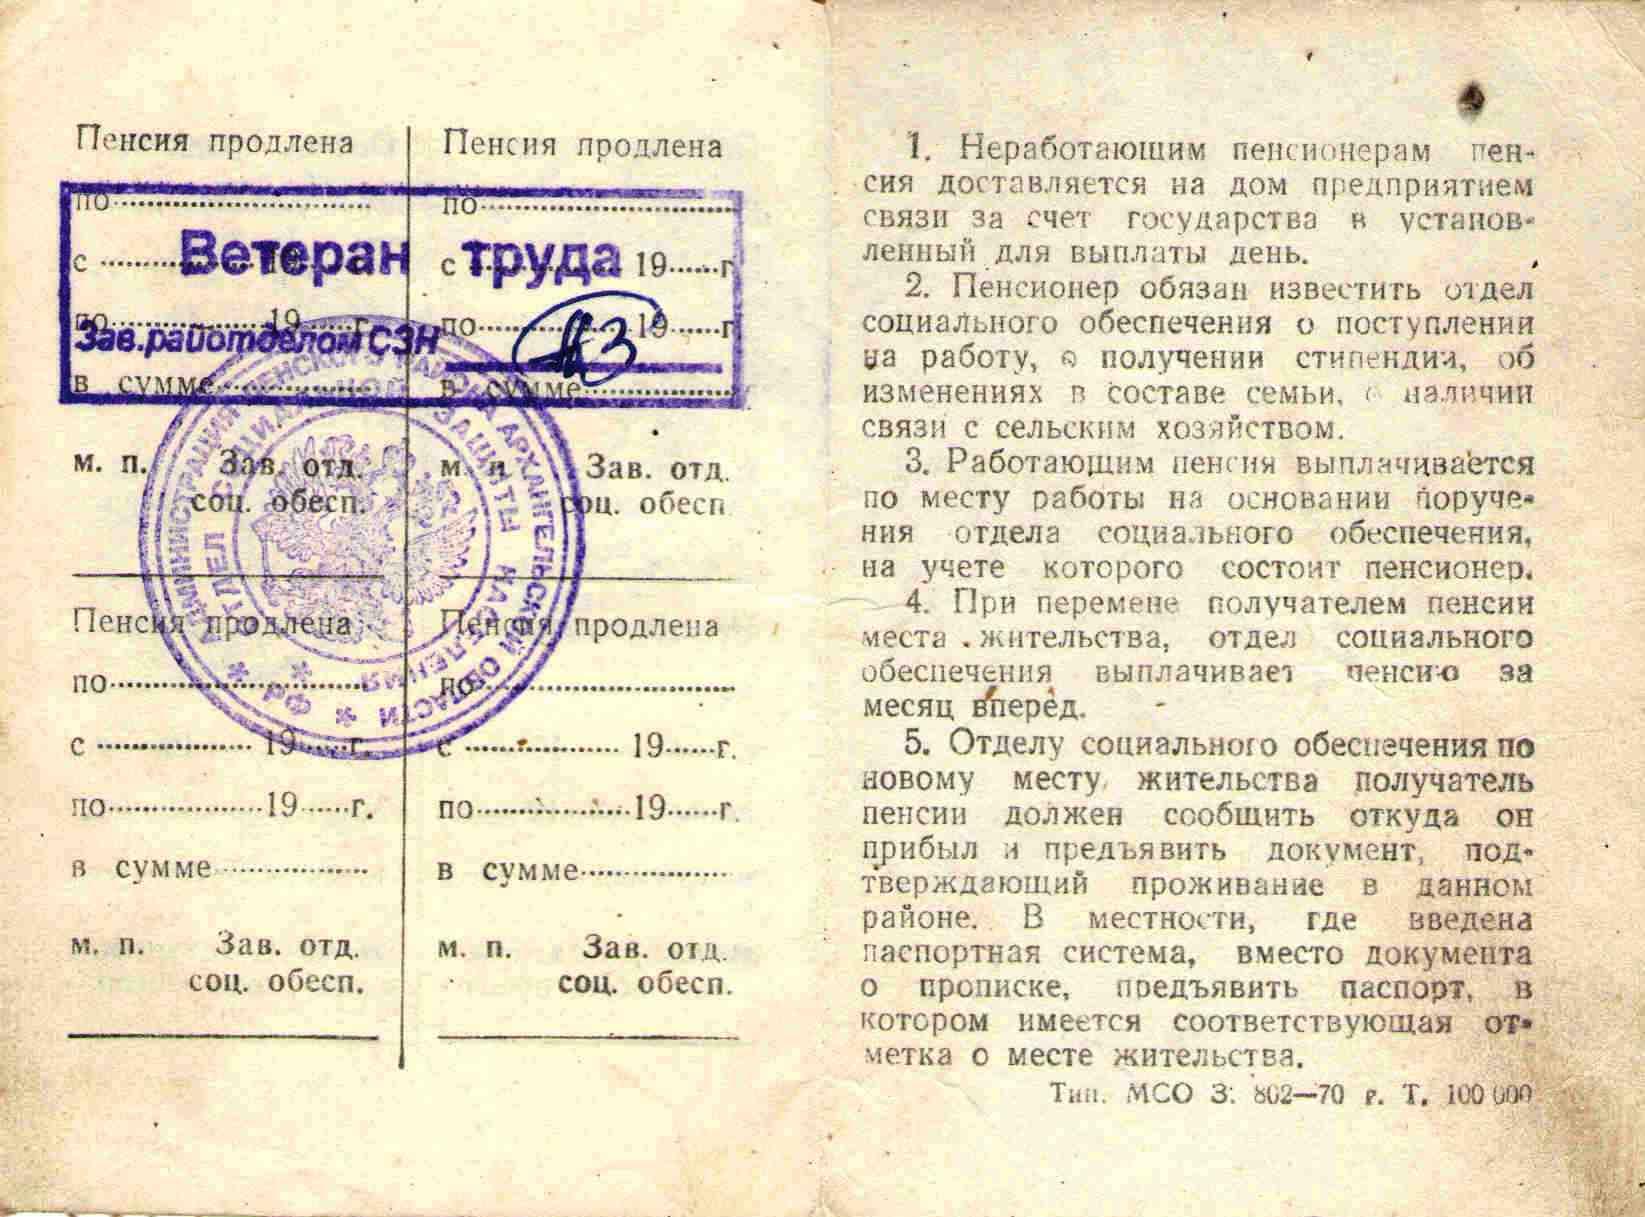 64. Пенсионное удостоверение, Барыкин ПП, 1973